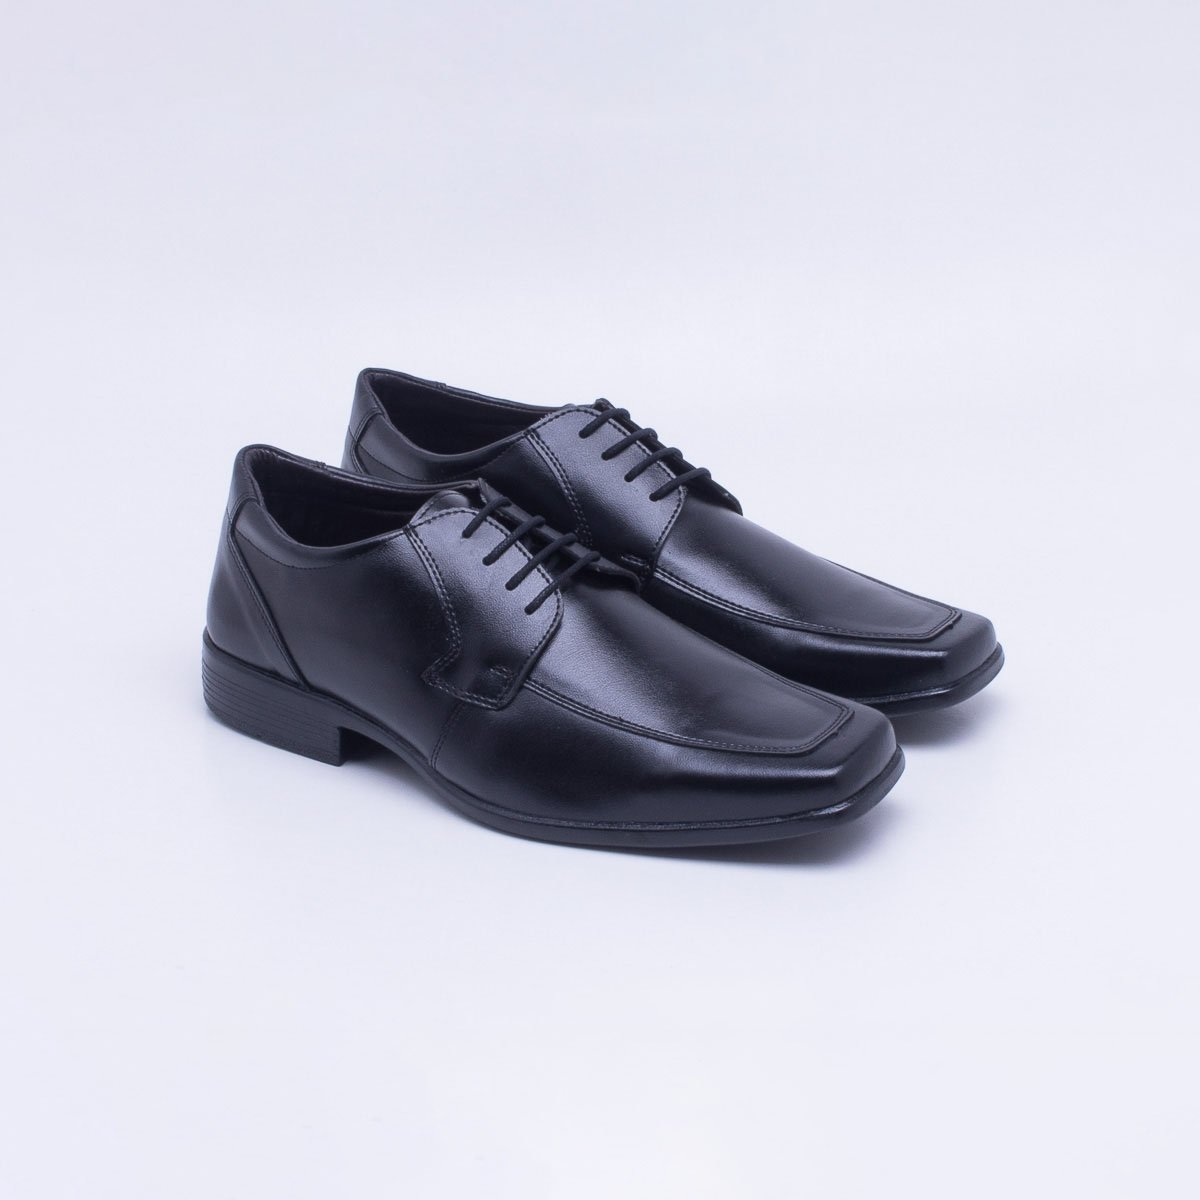 Sapato Sapato Post Social Preto Mr Masculino Social 70CqS